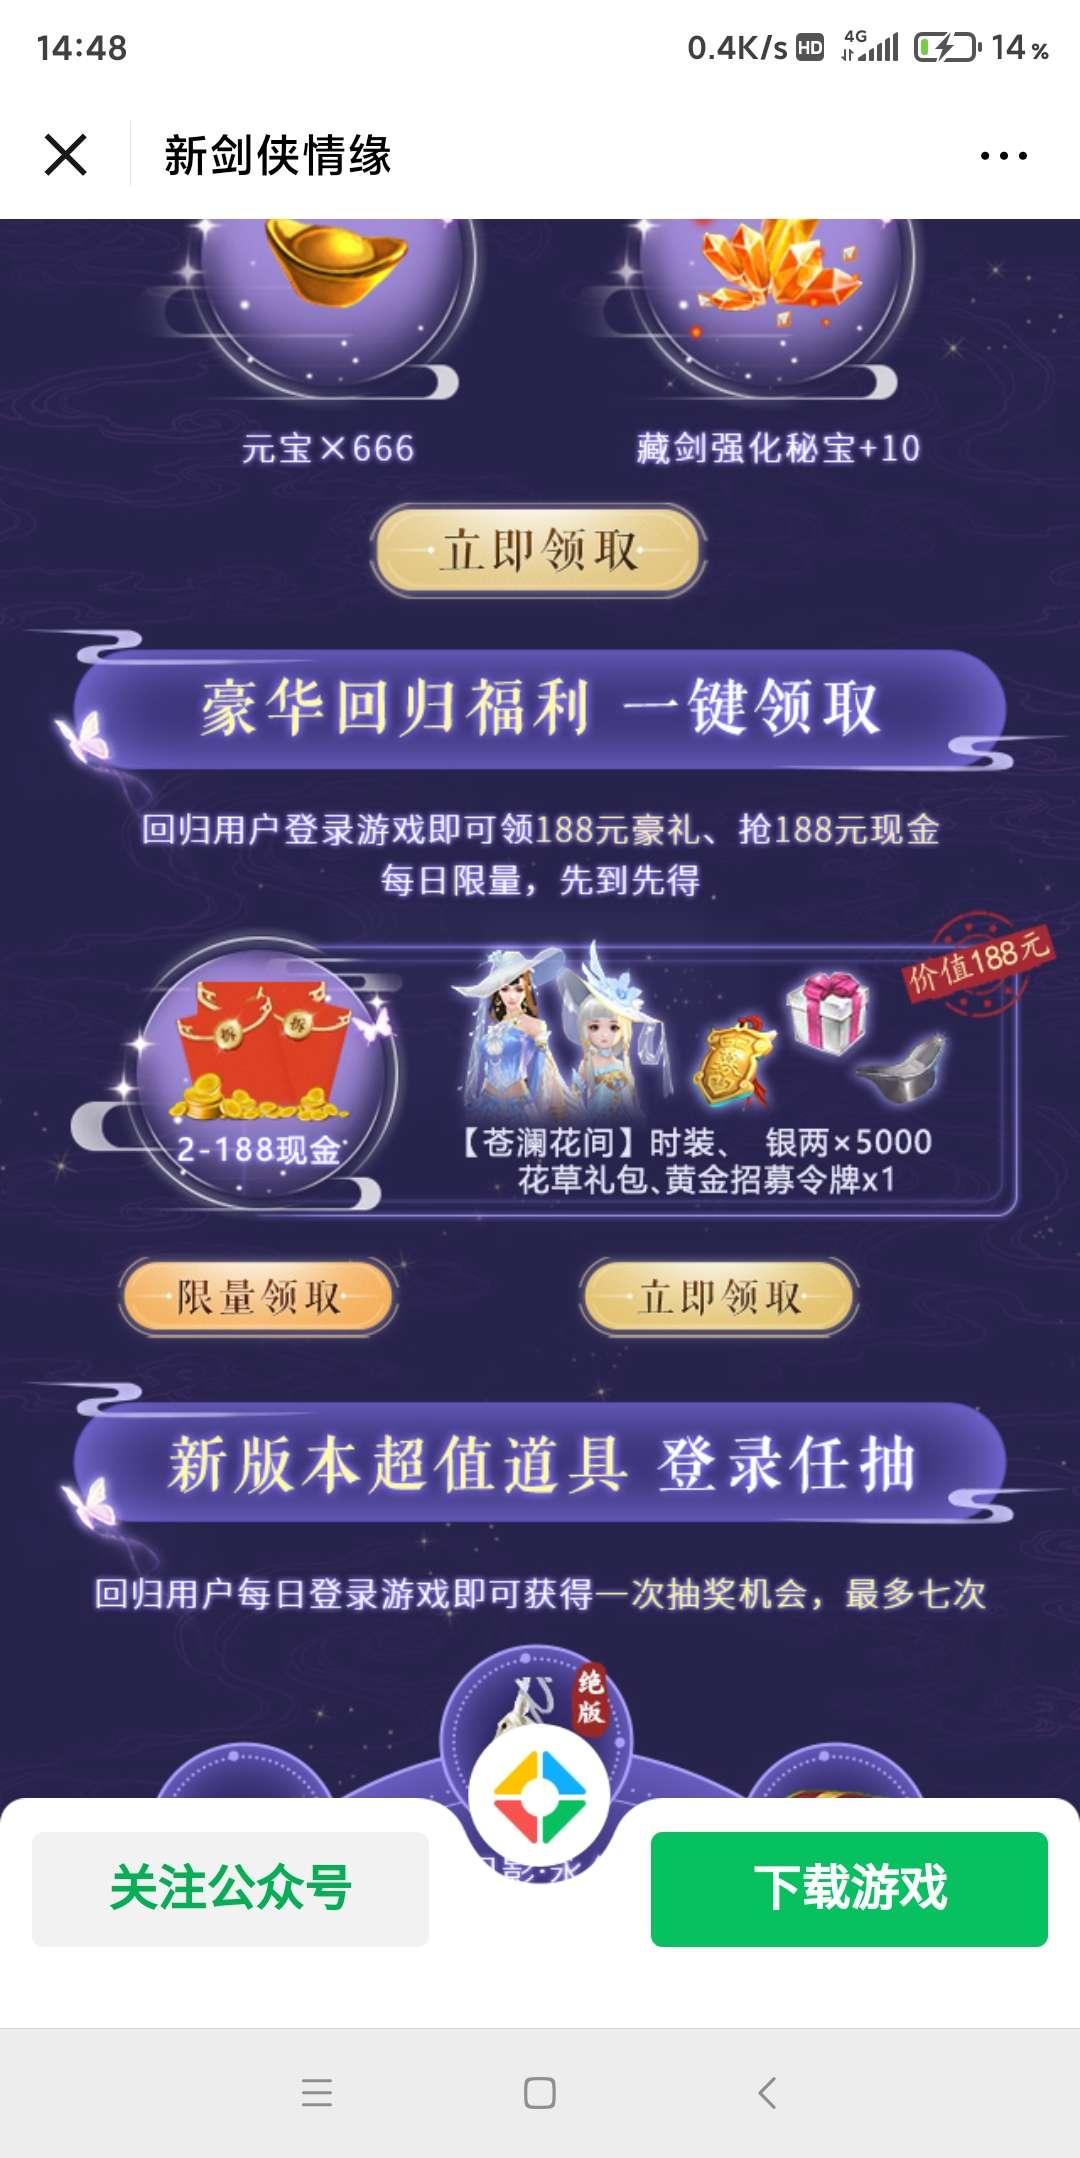 图片[1]-新剑侠情缘回归登录抽2-188元-老友薅羊毛活动线报网